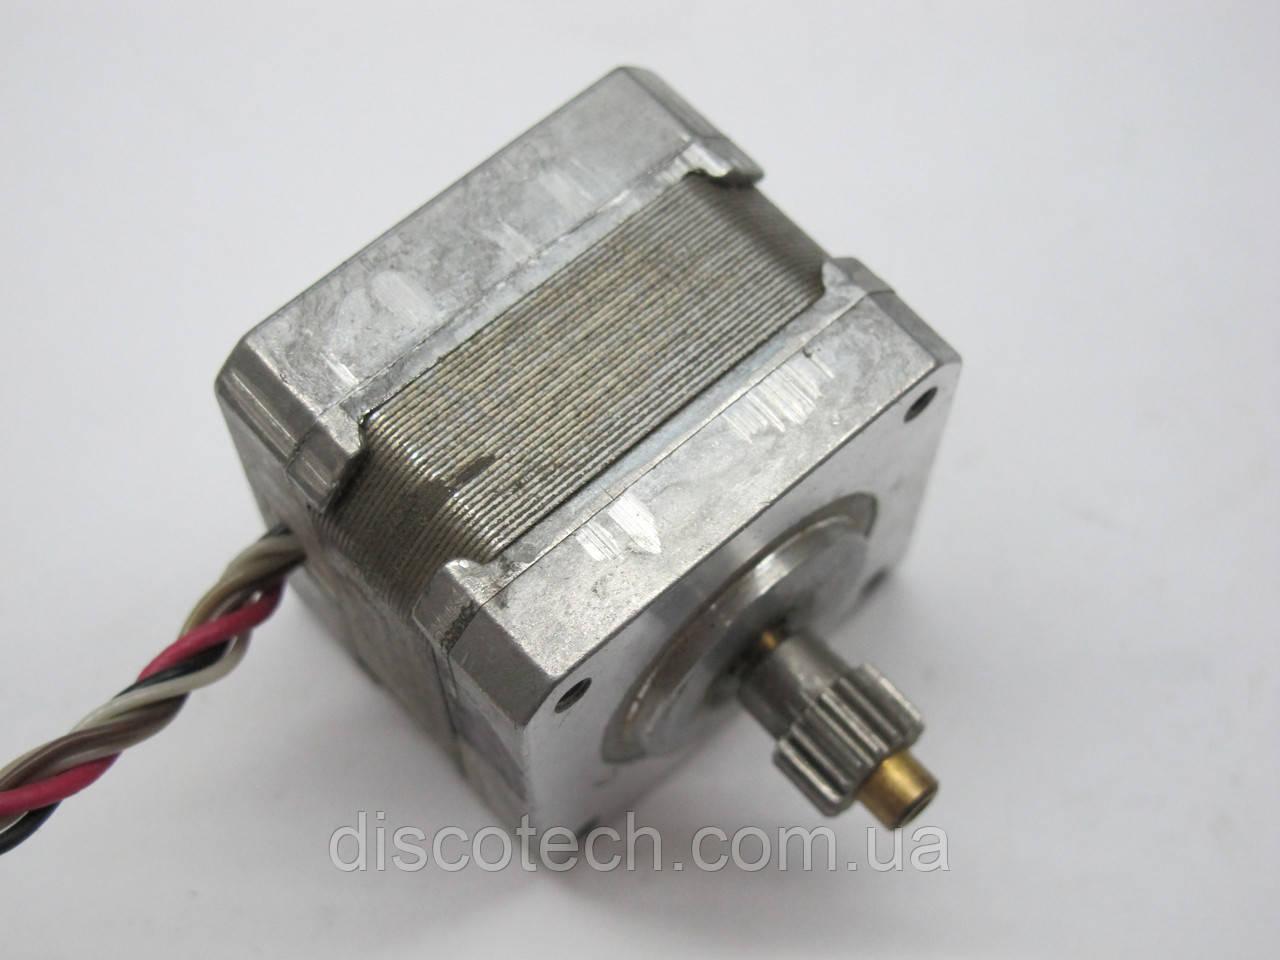 Двигатель шаговый уп 1,8 ф5,0/ 12 Ом ДШГ 4036